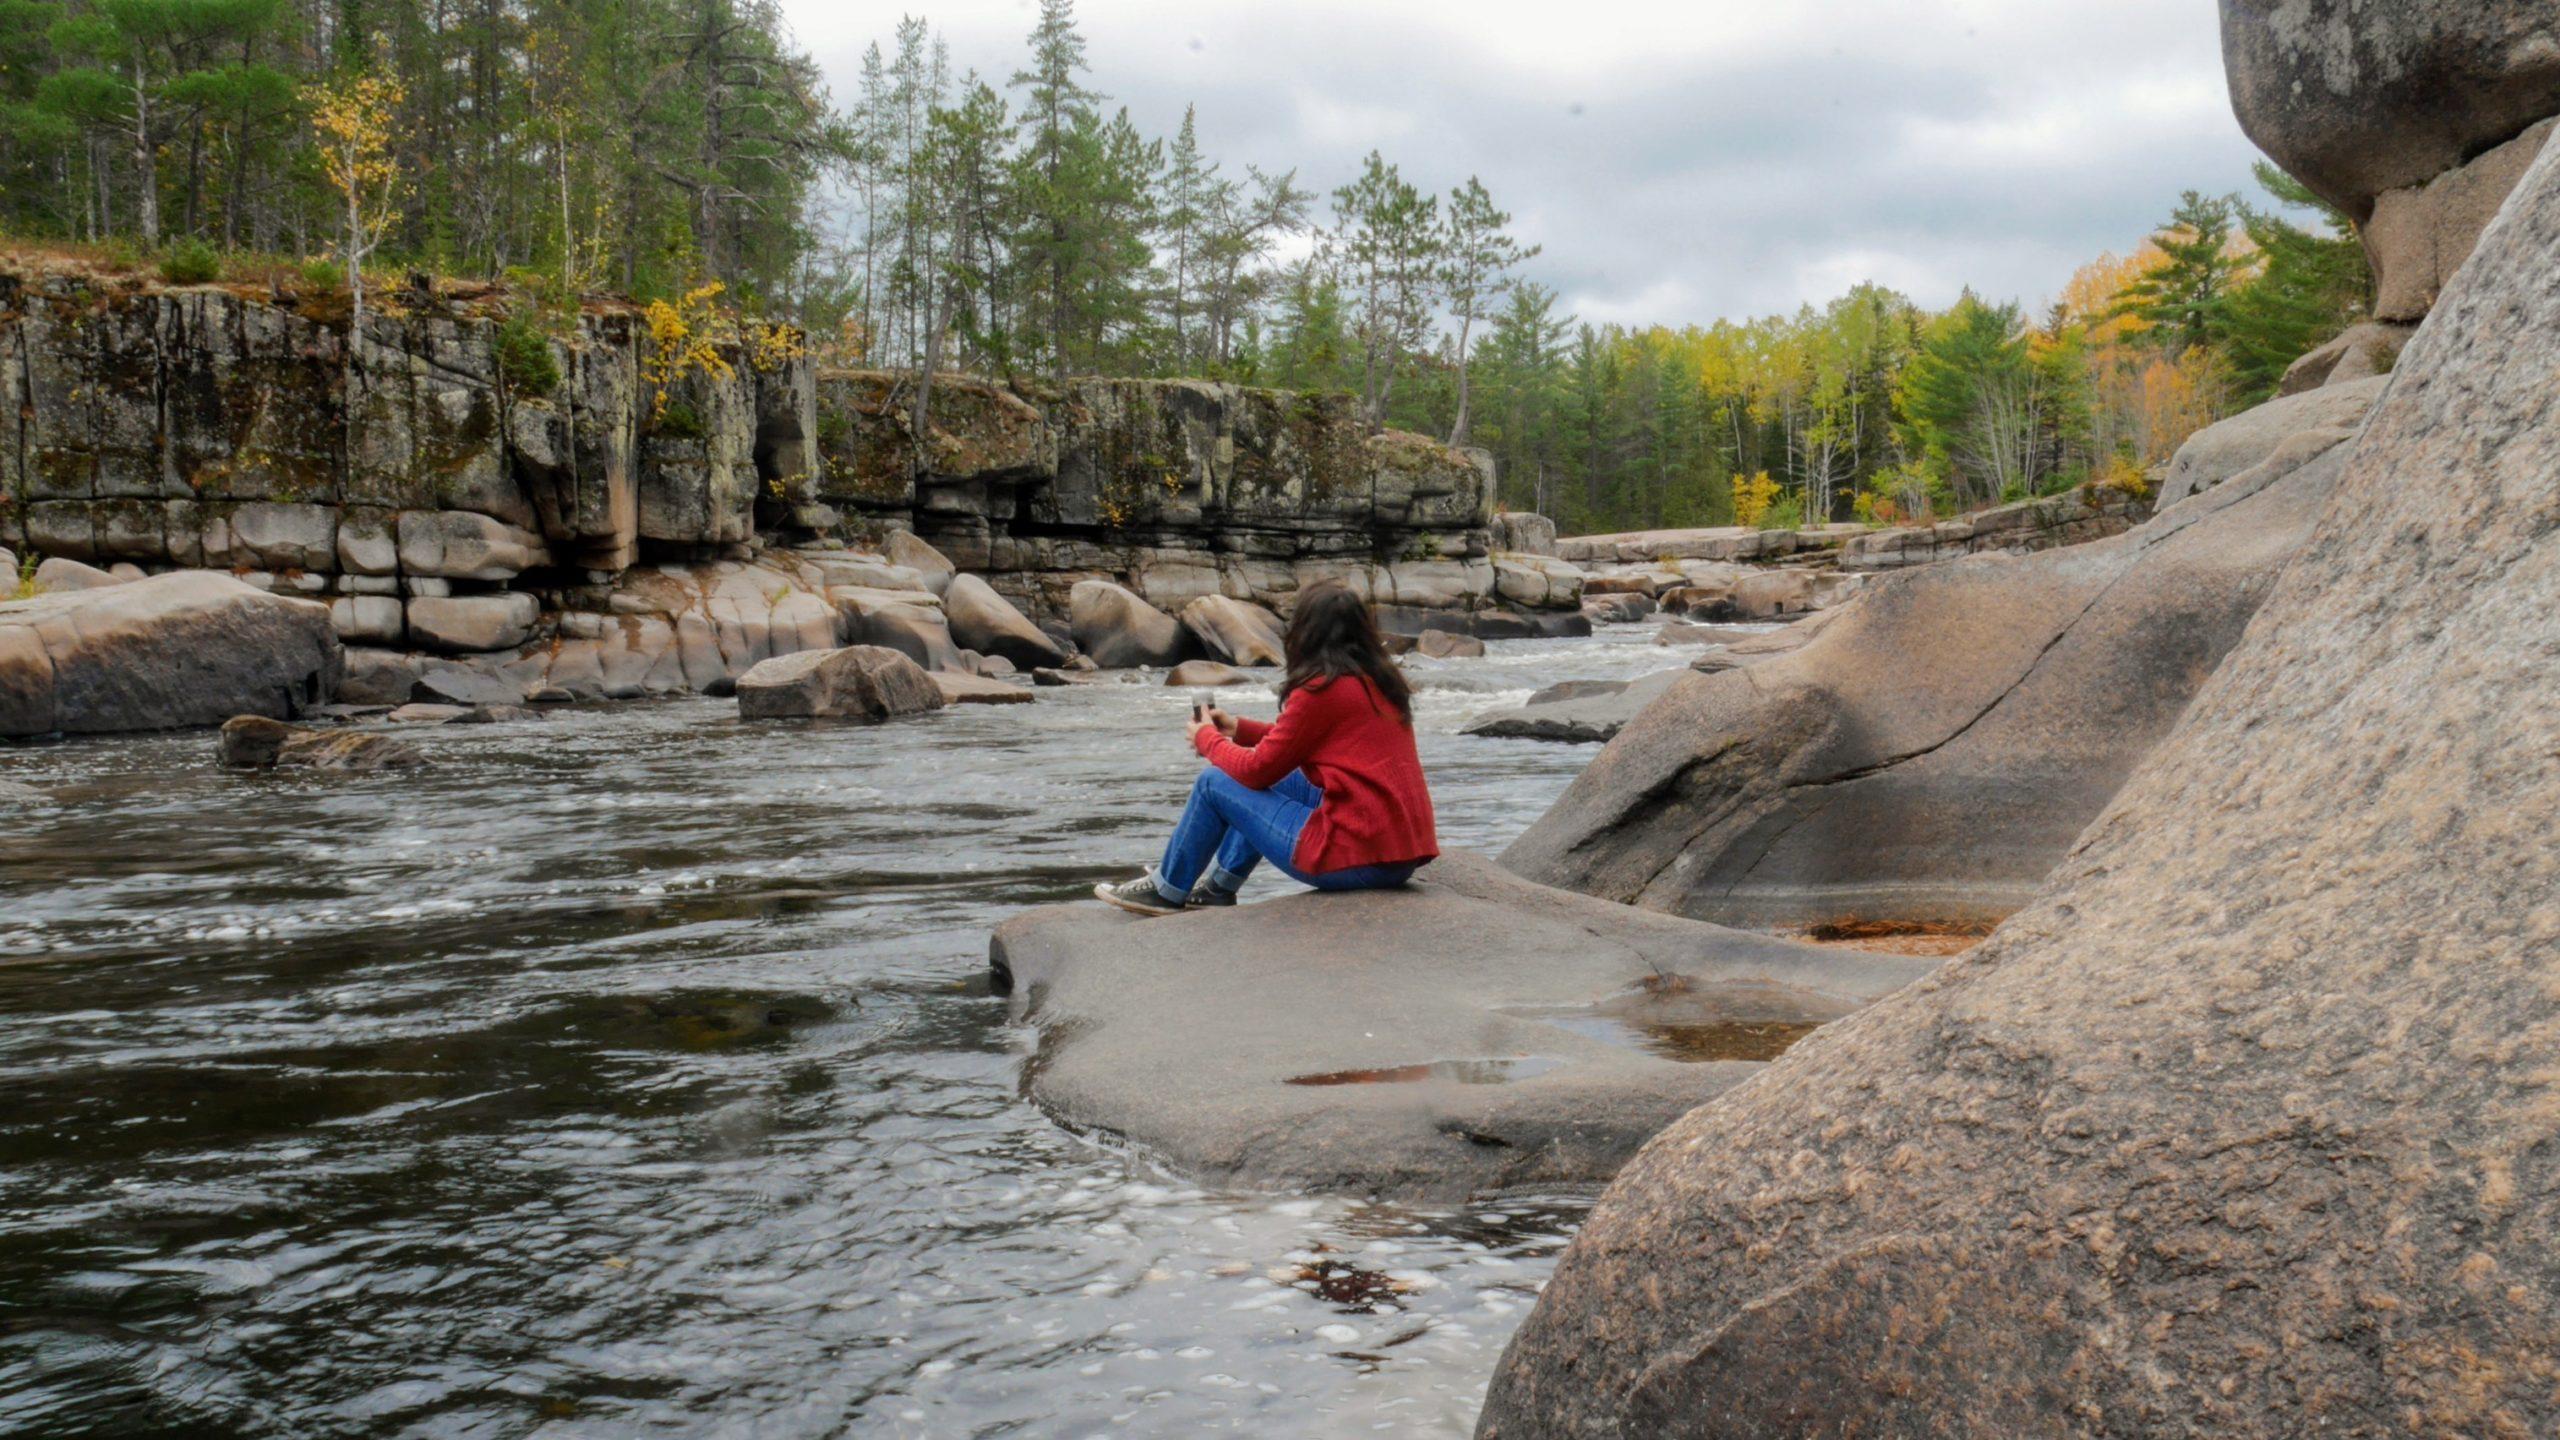 Région Chaleur Nouveau-brunswick Chutes Pabineau blog voyage Canada Arpenter le chemin